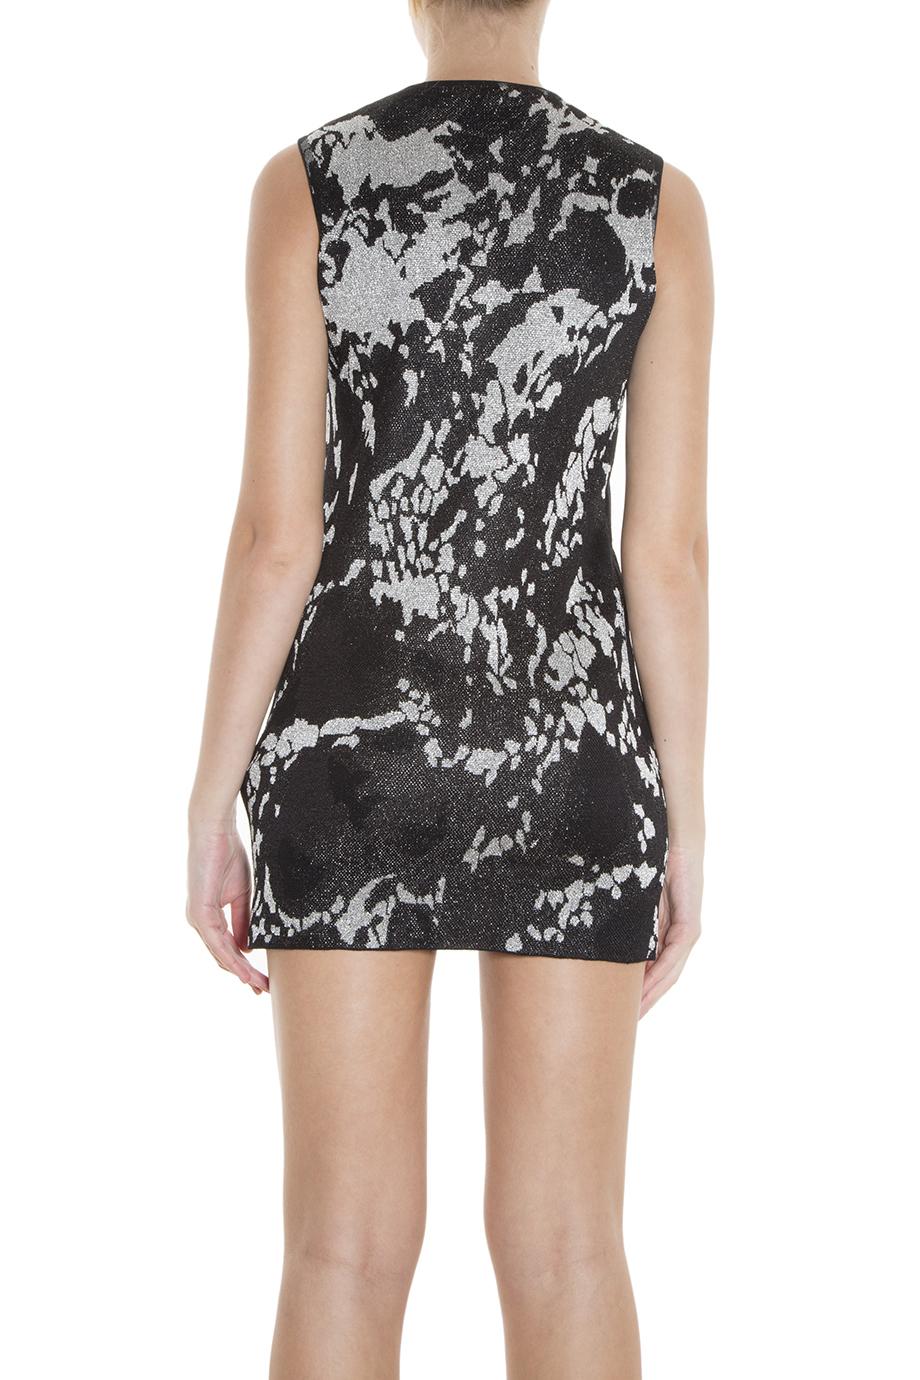 Lyst - Missoni Marble Mini Dress in Black a1e05d2b105